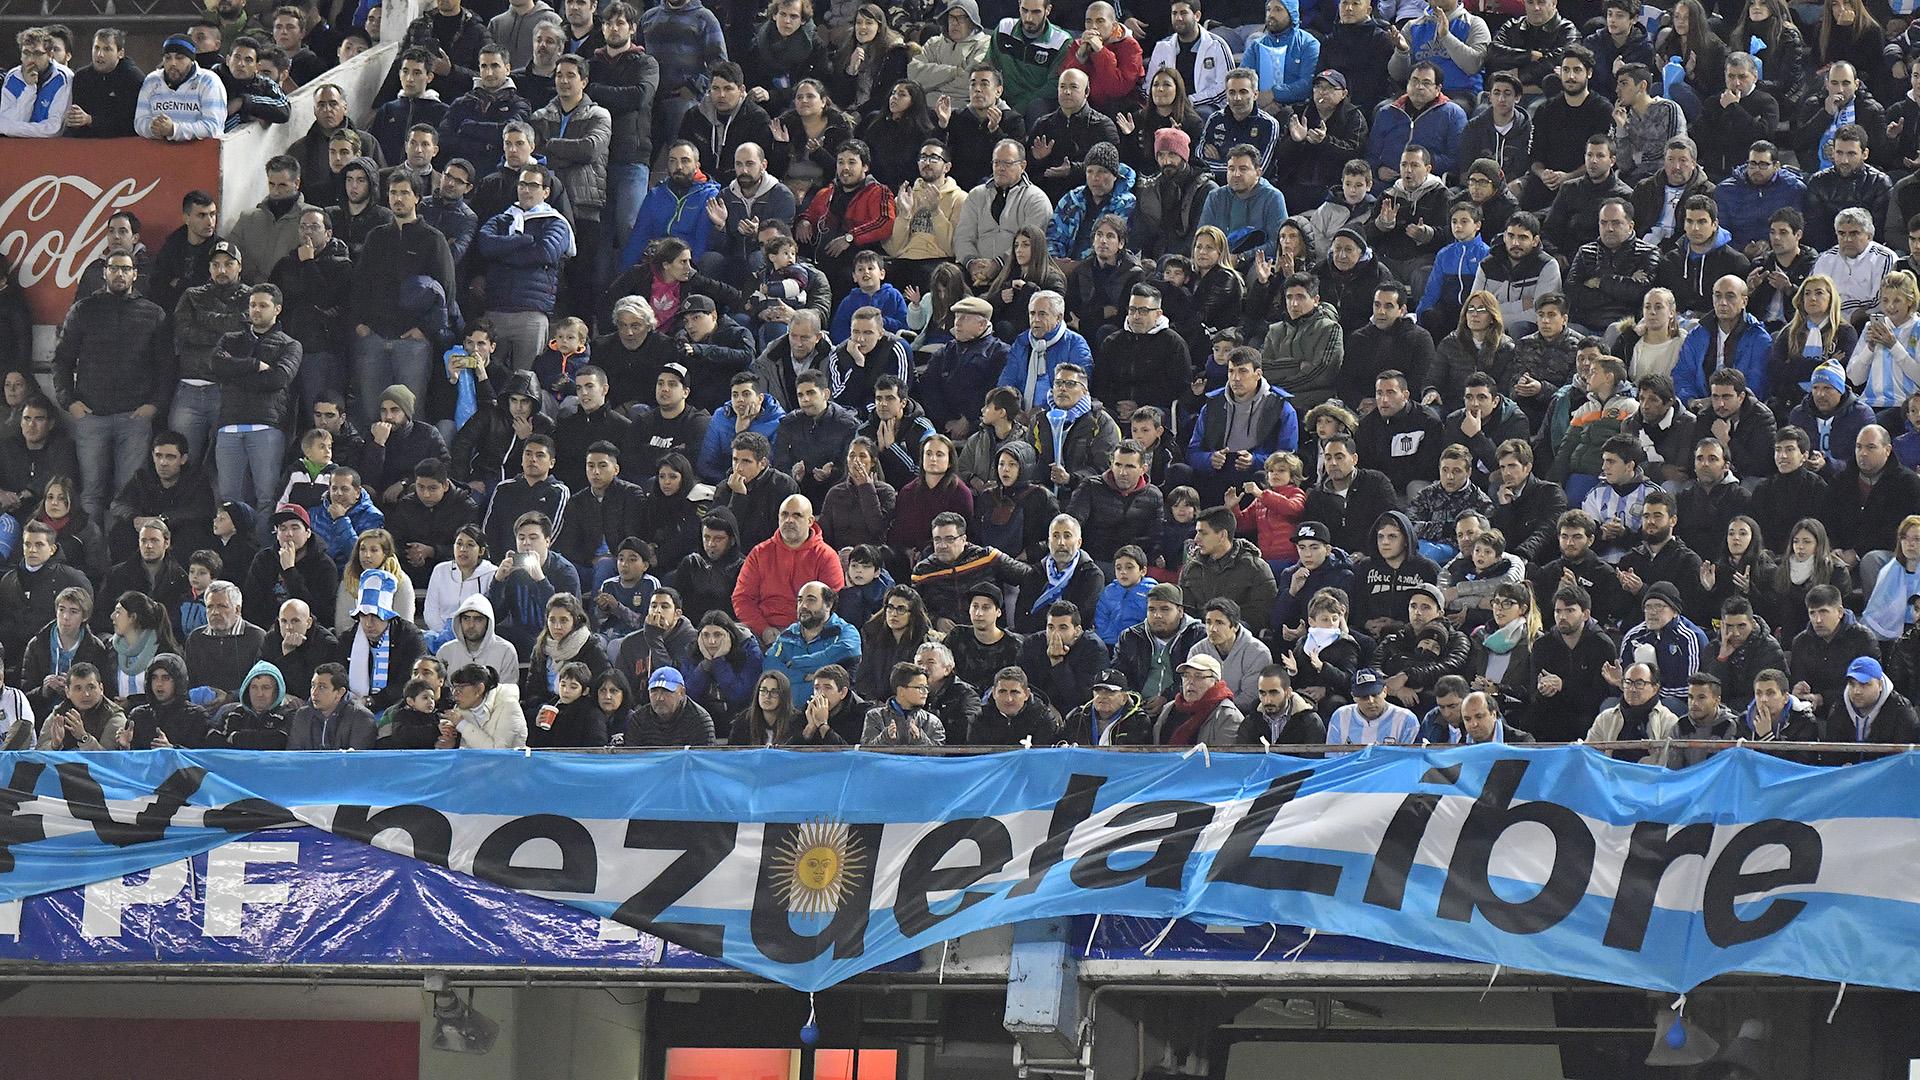 El público argentino reclamó por una Venezuela libre